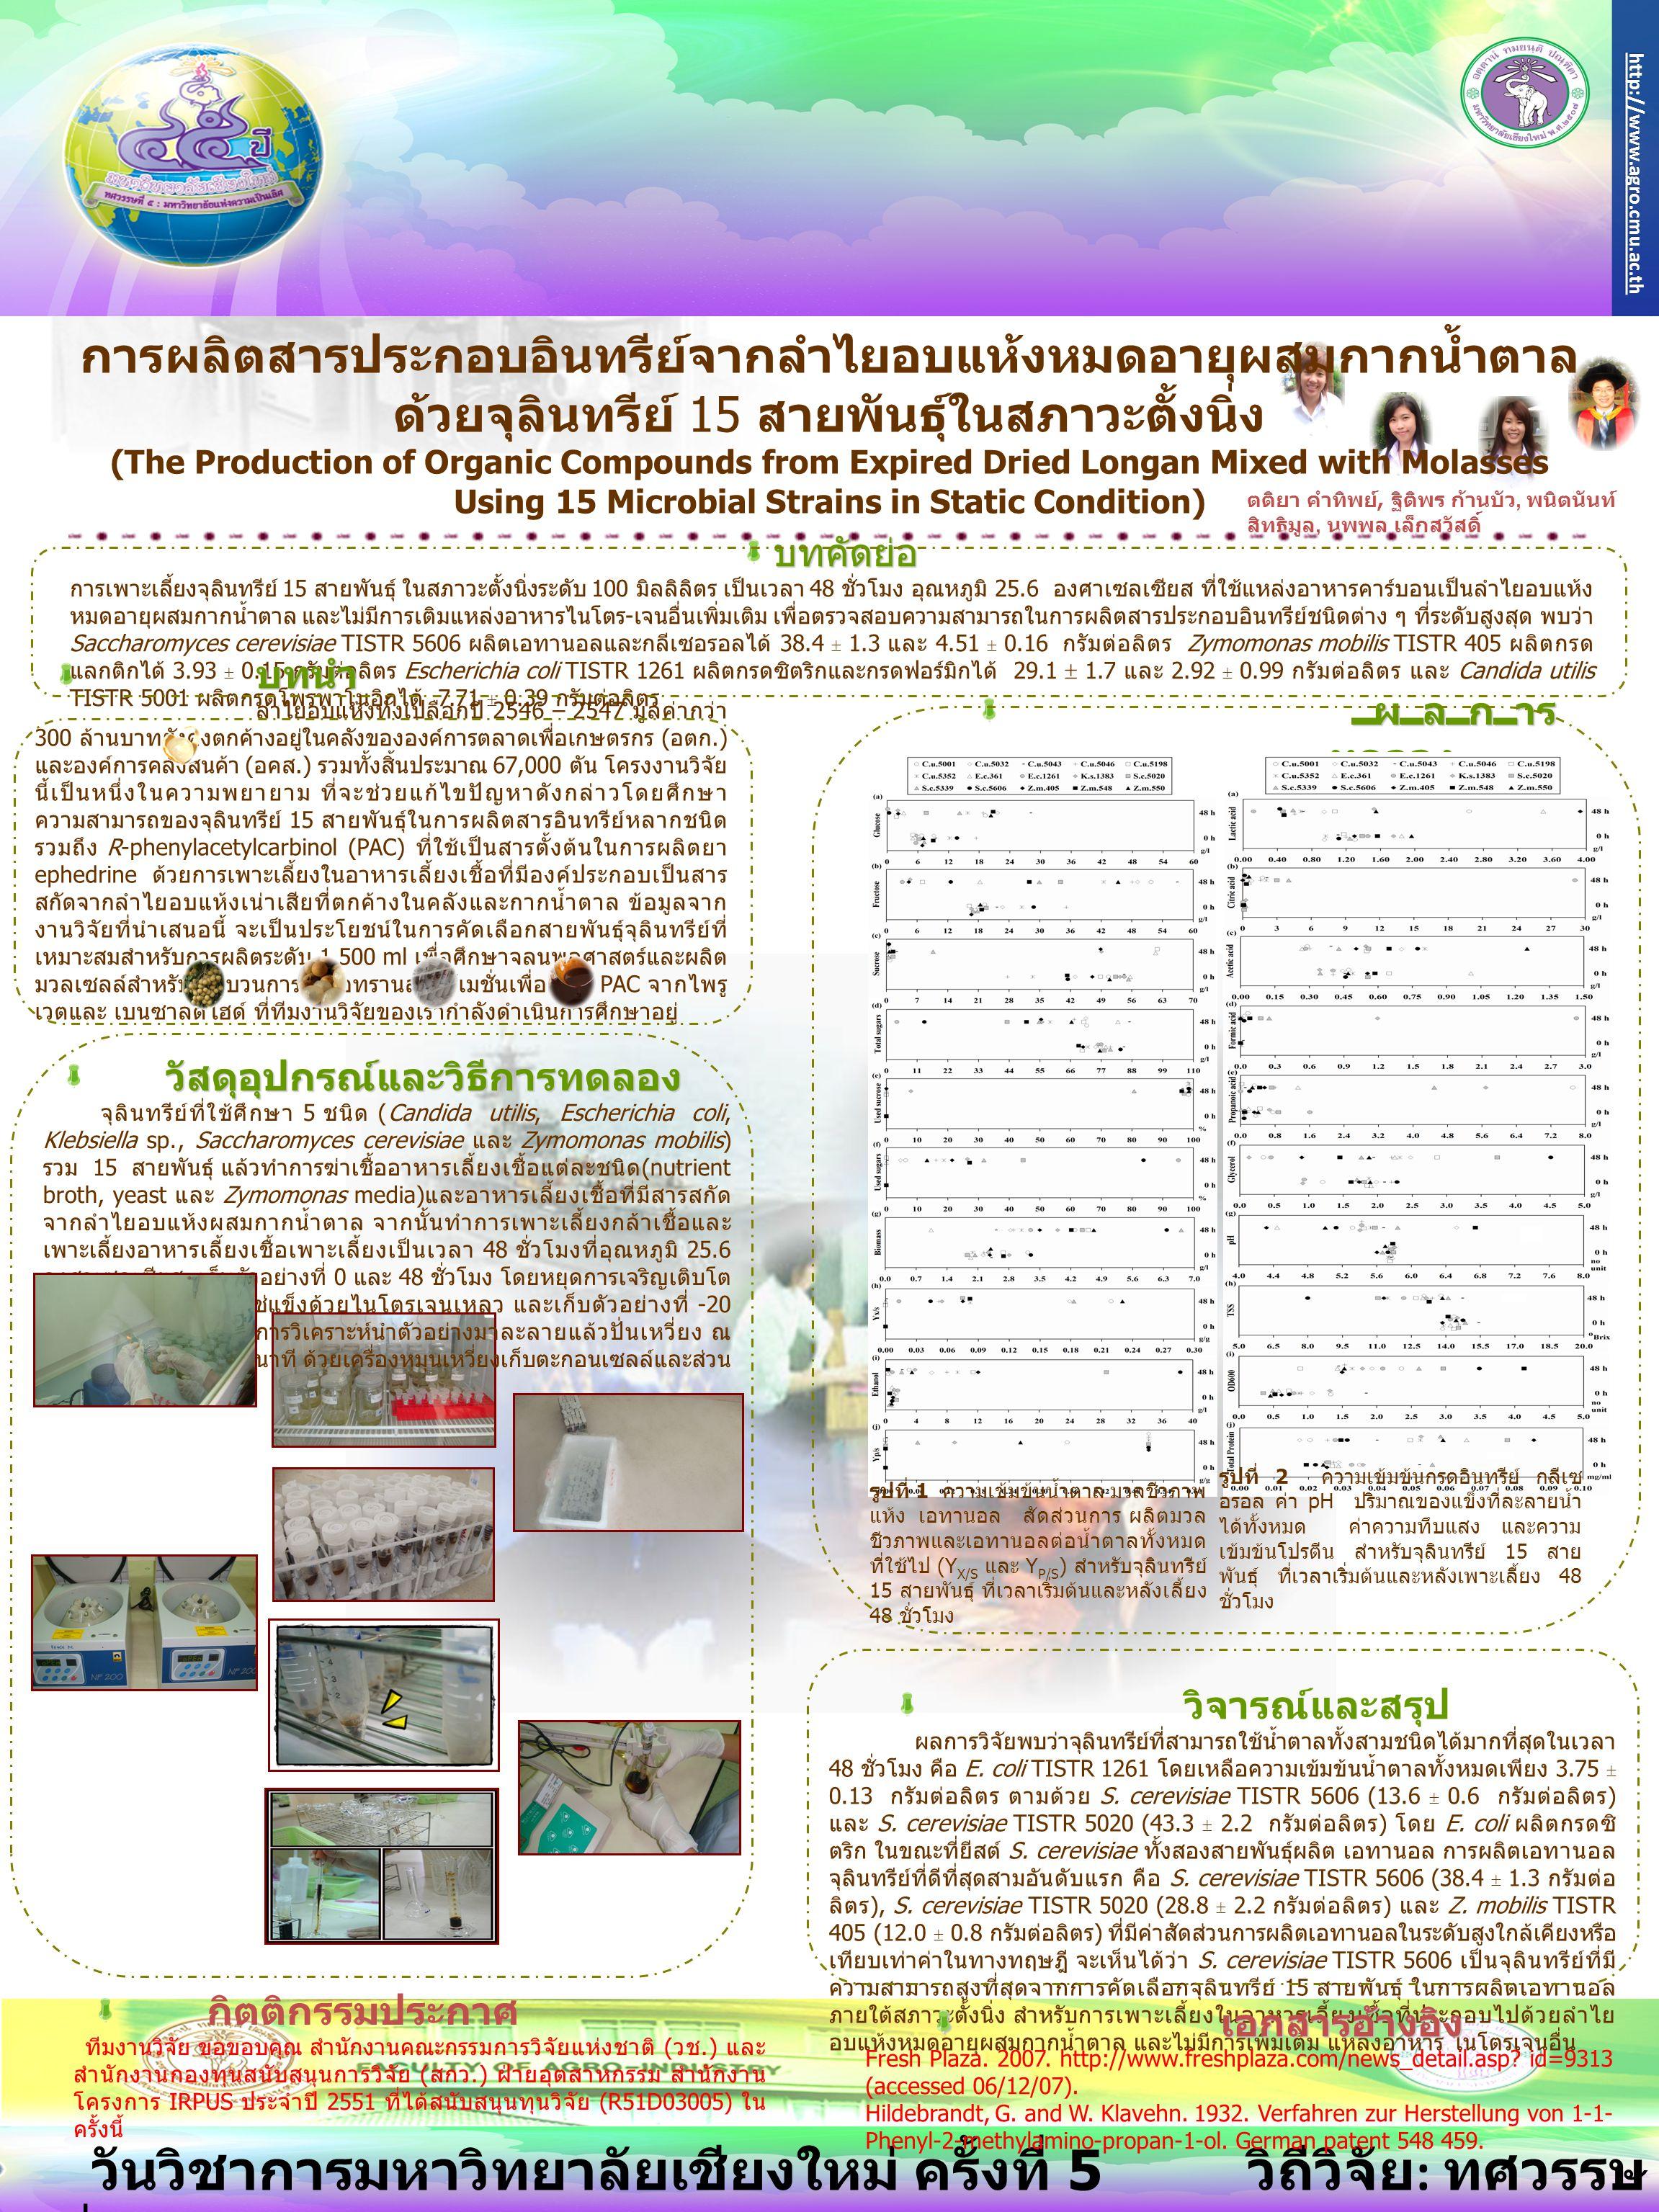 http://www.agro.cmu.ac.th วันวิชาการมหาวิทยาลัยเชียงใหม่ ครั้งที่ 5 วิถีวิจัย : ทศวรรษ ที่ 5 สู่ความเป็นเลิศ ตติยา คำทิพย์, ฐิติพร ก้านบัว, พนิตนันท์ สิทธิมูล, นพพล เล็กสวัสดิ์ บทคัดย่อ การเพาะเลี้ยงจุลินทรีย์ 15 สายพันธุ์ ในสภาวะตั้งนิ่งระดับ 100 มิลลิลิตร เป็นเวลา 48 ชั่วโมง อุณหภูมิ 25.6 องศาเซลเซียส ที่ใช้แหล่งอาหารคาร์บอนเป็นลำไยอบแห้ง หมดอายุผสมกากน้ำตาล และไม่มีการเติมแหล่งอาหารไนโตร - เจนอื่นเพิ่มเติม เพื่อตรวจสอบความสามารถในการผลิตสารประกอบอินทรีย์ชนิดต่าง ๆ ที่ระดับสูงสุด พบว่า Saccharomyces cerevisiae TISTR 5606 ผลิตเอทานอลและกลีเซอรอลได้ 38.4  1.3 และ 4.51  0.16 กรัมต่อลิตร Zymomonas mobilis TISTR 405 ผลิตกรด แลกติกได้ 3.93  0.15 กรัมต่อลิตร Escherichia coli TISTR 1261 ผลิตกรดซิตริกและกรดฟอร์มิกได้ 29.1  1.7 และ 2.92  0.99 กรัมต่อลิตร และ Candida utilis TISTR 5001 ผลิตกรดโพรพาโนอิกได้ 7.71  0.39 กรัมต่อลิตร การผลิตสารประกอบอินทรีย์จากลำไยอบแห้งหมดอายุผสมกากน้ำตาล ด้วยจุลินทรีย์ 15 สายพันธุ์ในสภาวะตั้งนิ่ง (The Production of Organic Compounds from Expired Dried Longan Mixed with Molasses Using 15 Microbial Strains in Static Condition) บทนำ ลำไยอบแห้งทั้งเปลือกปี 2546 – 2547 มูลค่ากว่า 300 ล้านบาทยังคงตกค้างอยู่ในคลังขององค์การตลาดเพื่อเกษตรกร ( อตก.) และองค์การคลังสินค้า ( อคส.) รวมทั้งสิ้นประมาณ 67,000 ตัน โครงงานวิจัย นี้เป็นหนึ่งในความพยายาม ที่จะช่วยแก้ไขปัญหาดังกล่าวโดยศึกษา ความสามารถของจุลินทรีย์ 15 สายพันธุ์ในการผลิตสารอินทรีย์หลากชนิด รวมถึง R-phenylacetylcarbinol (PAC) ที่ใช้เป็นสารตั้งต้นในการผลิตยา ephedrine ด้วยการเพาะเลี้ยงในอาหารเลี้ยงเชื้อที่มีองค์ประกอบเป็นสาร สกัดจากลำไยอบแห้งเน่าเสียที่ตกค้างในคลังและกากน้ำตาล ข้อมูลจาก งานวิจัยที่นำเสนอนี้ จะเป็นประโยชน์ในการคัดเลือกสายพันธุ์จุลินทรีย์ที่ เหมาะสมสำหรับการผลิตระดับ 1,500 ml เพื่อศึกษาจลนพลศาสตร์และผลิต มวลเซลล์สำหรับกระบวนการไบโอทรานส์ฟอร์เมชั่นเพื่อผลิต PAC จากไพรู เวตและ เบนซาลดีไฮด์ ที่ทีมงานวิจัยของเรากำลังดำเนินการศึกษาอยู่ วัสดุอุปกรณ์และวิธีการทดลอง จุลินทรีย์ที่ใช้ศึกษา 5 ชนิด (Candida utilis, Escherichia coli, Klebsiella sp., Saccharomyces cerevisiae และ Zymomonas mobilis) รวม 